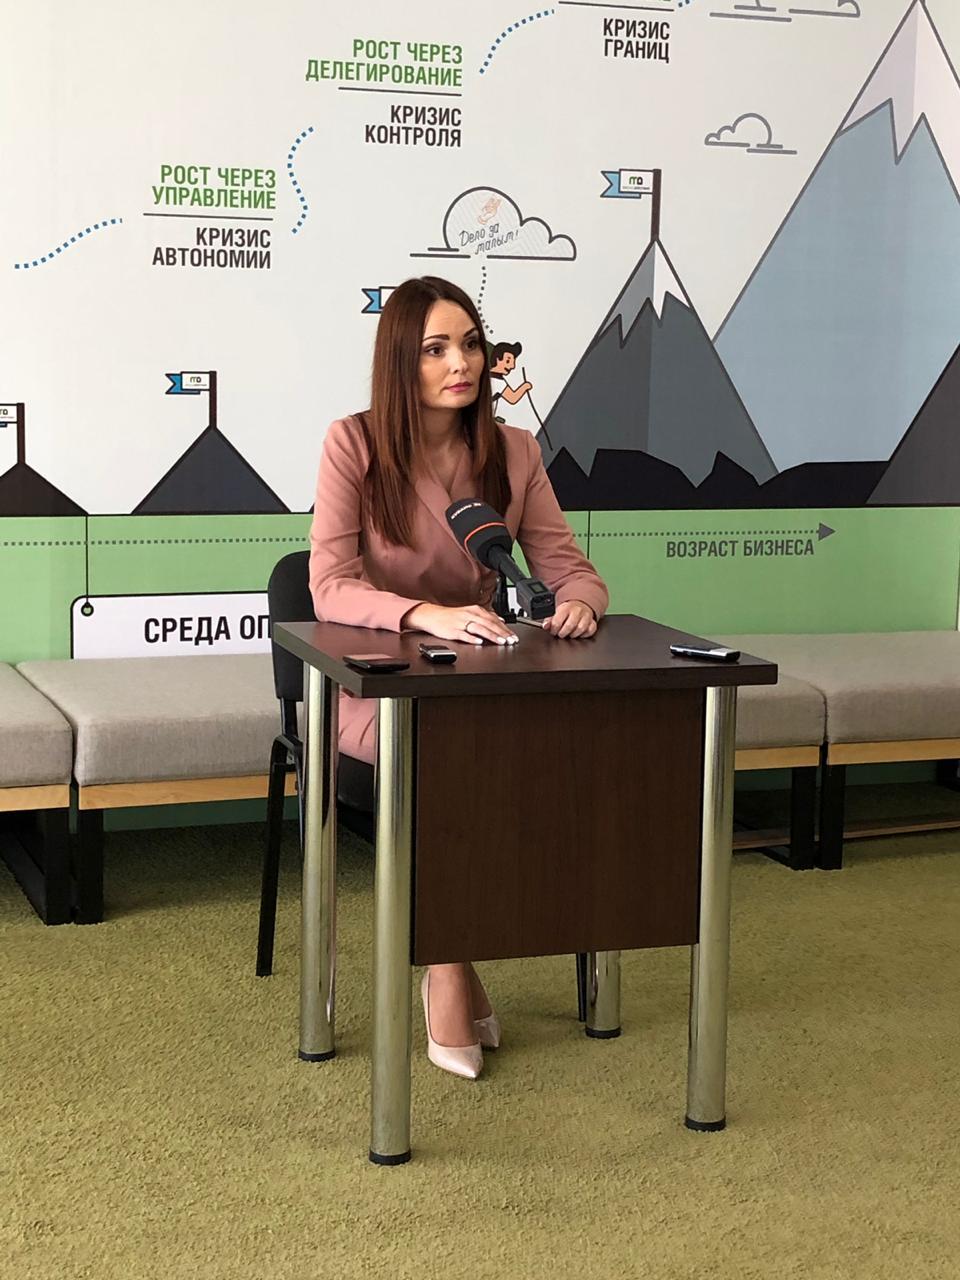 В Краснодарском крае создан фонд микрофинансирования